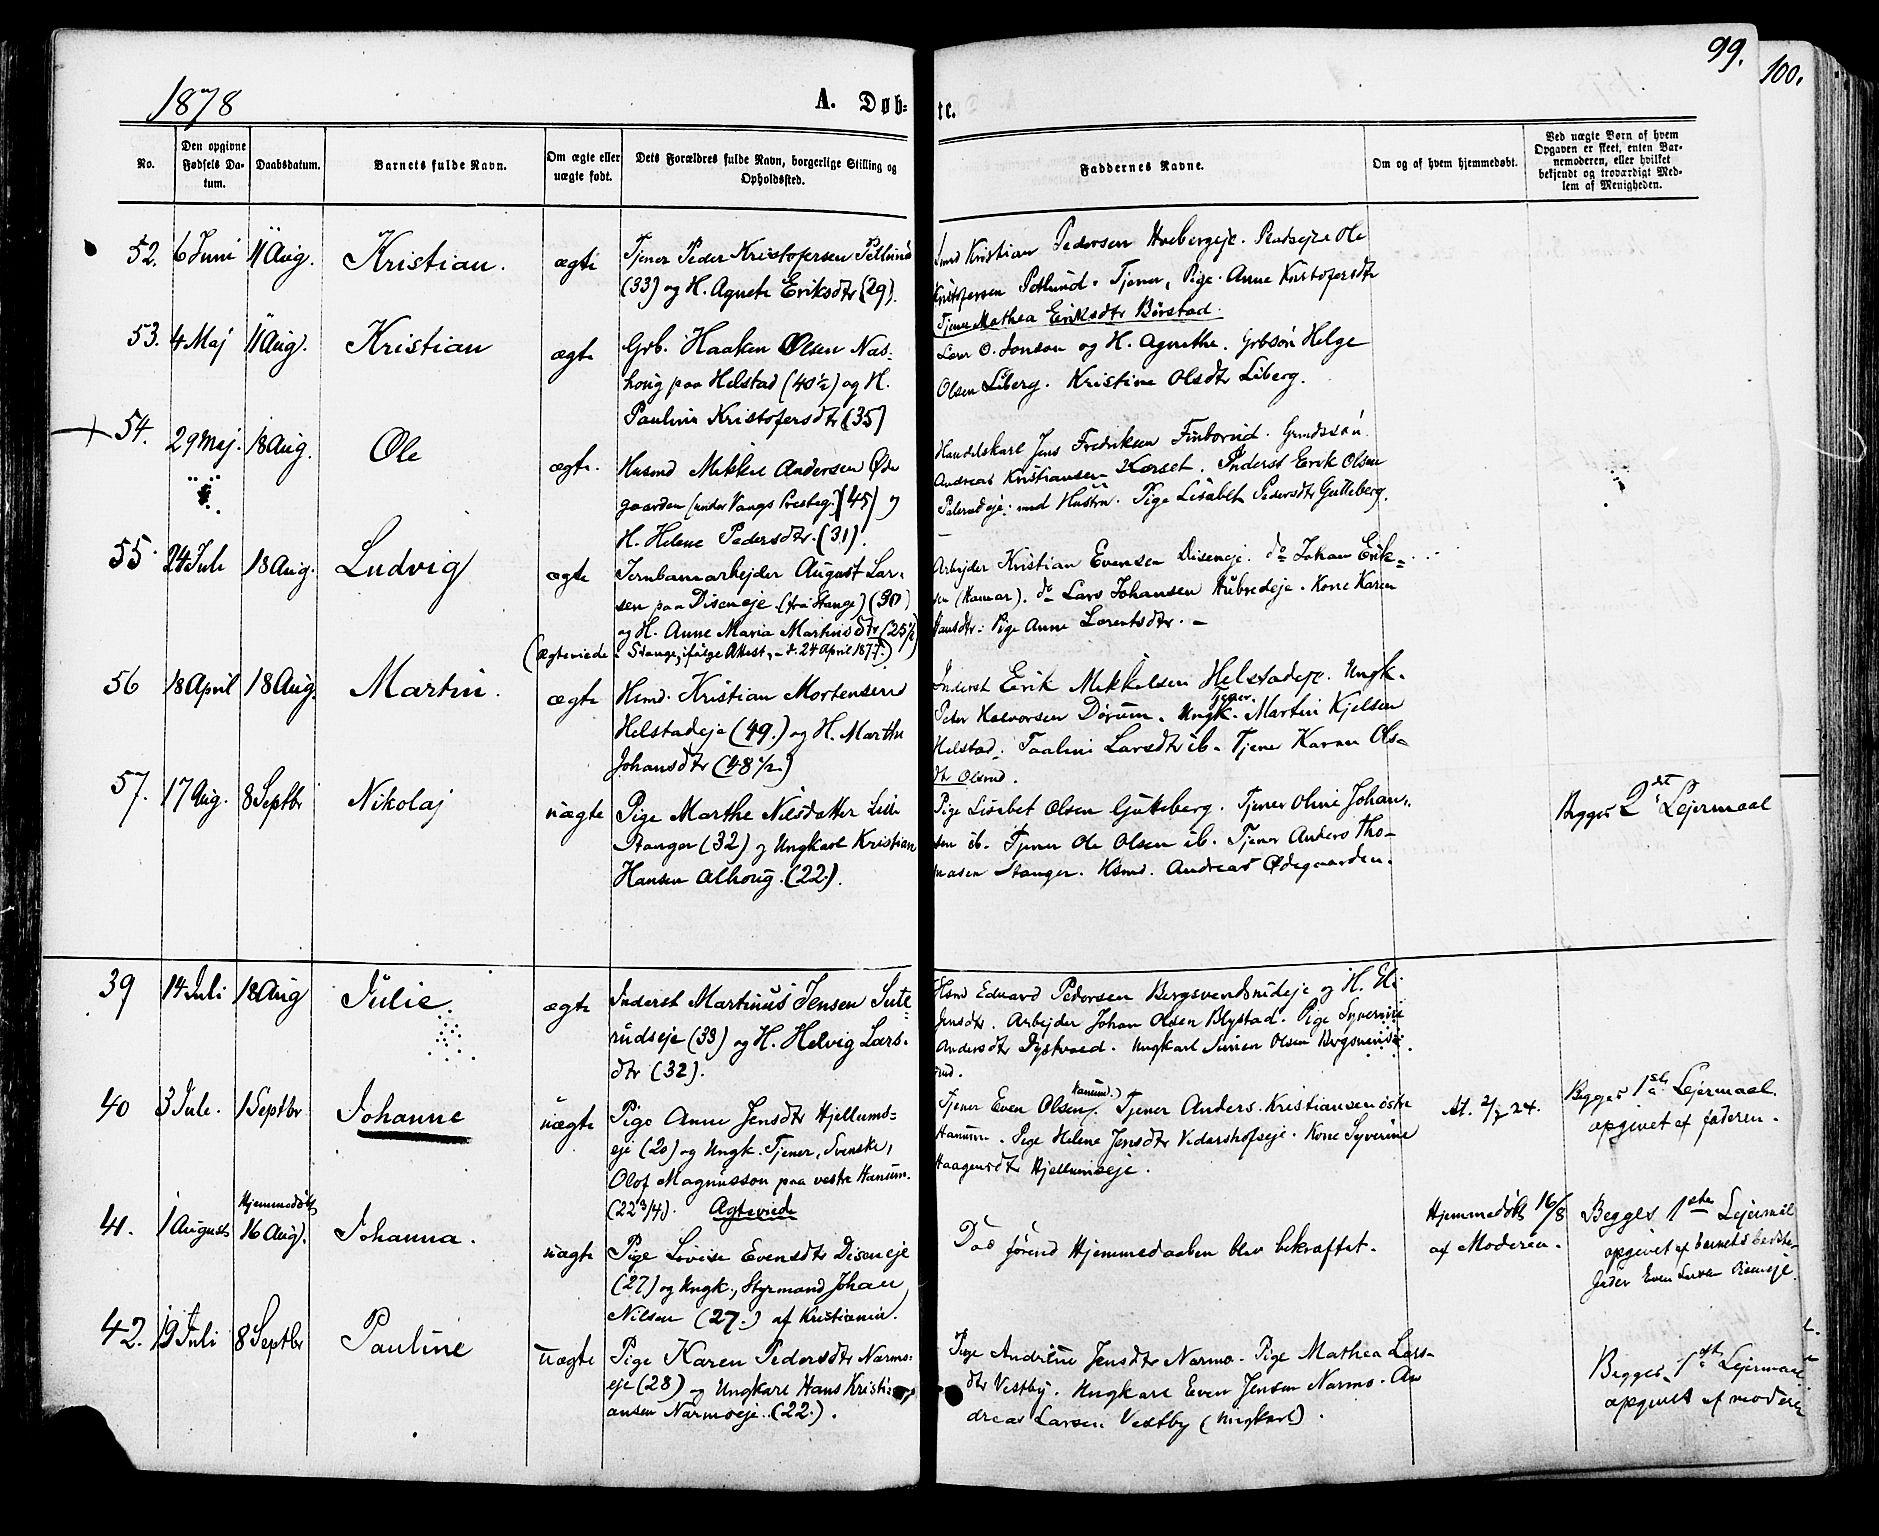 SAH, Vang prestekontor, Hedmark, H/Ha/Haa/L0015: Ministerialbok nr. 15, 1871-1885, s. 99